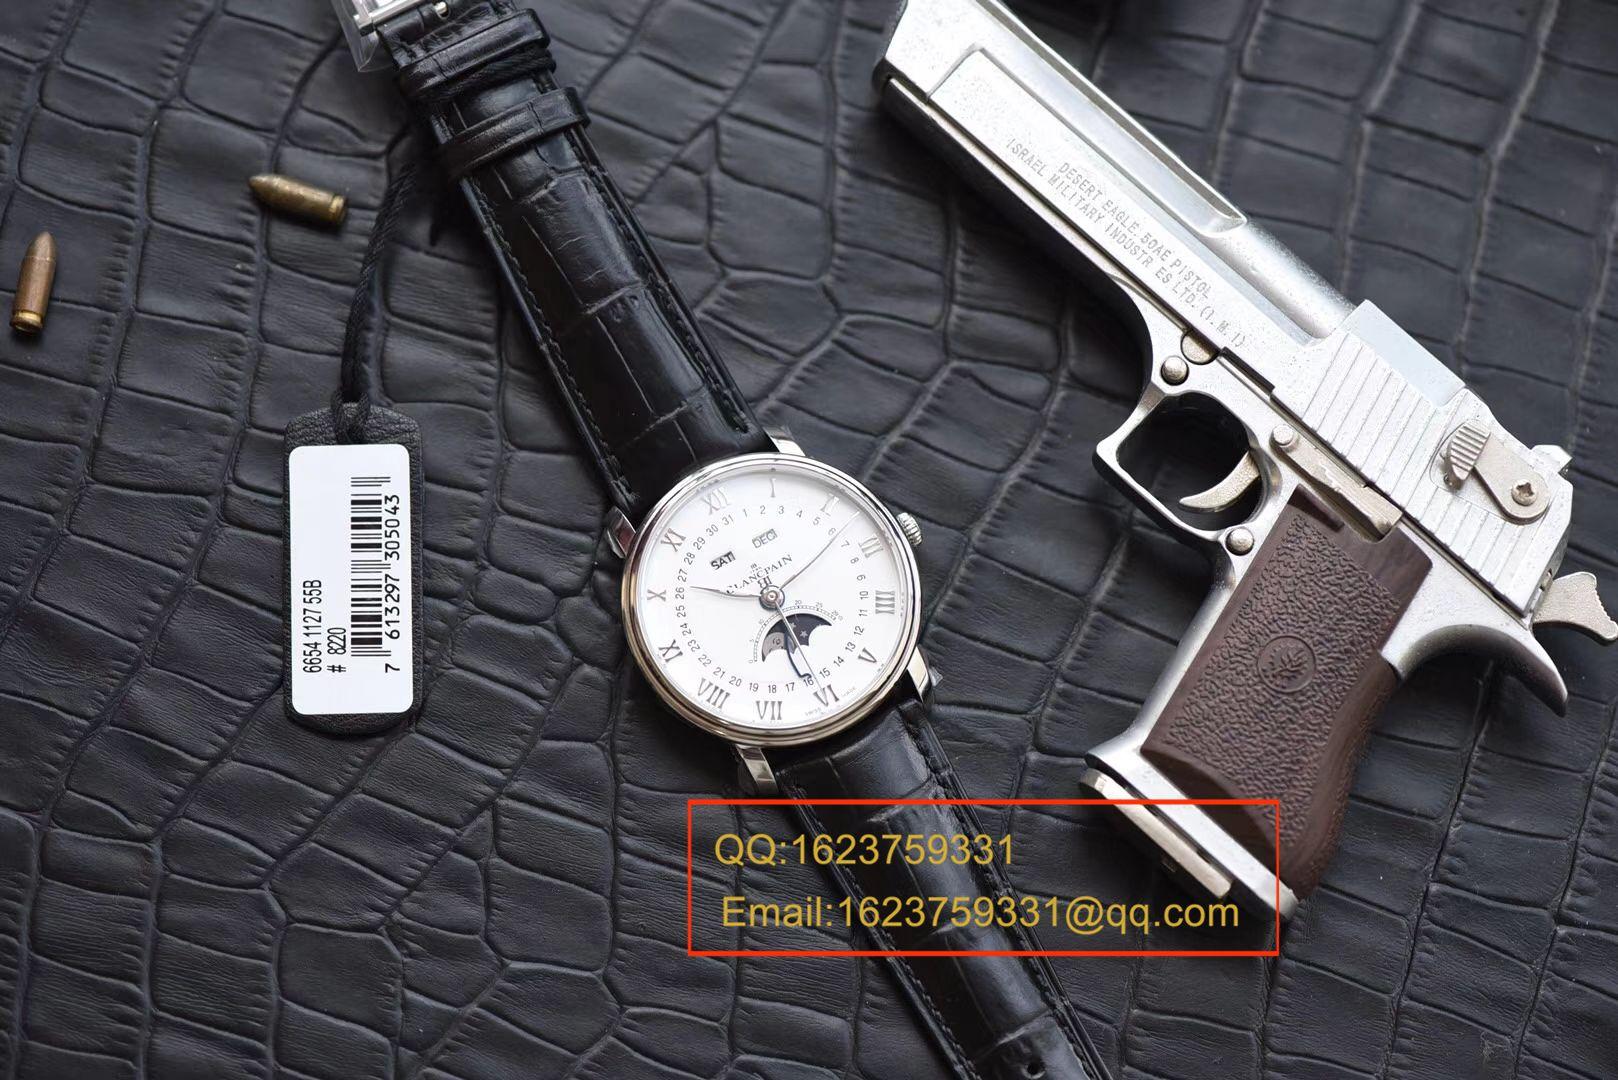 【视频评测OM复刻手表】宝珀经典系列 6654-1127-55B腕表 / BP022